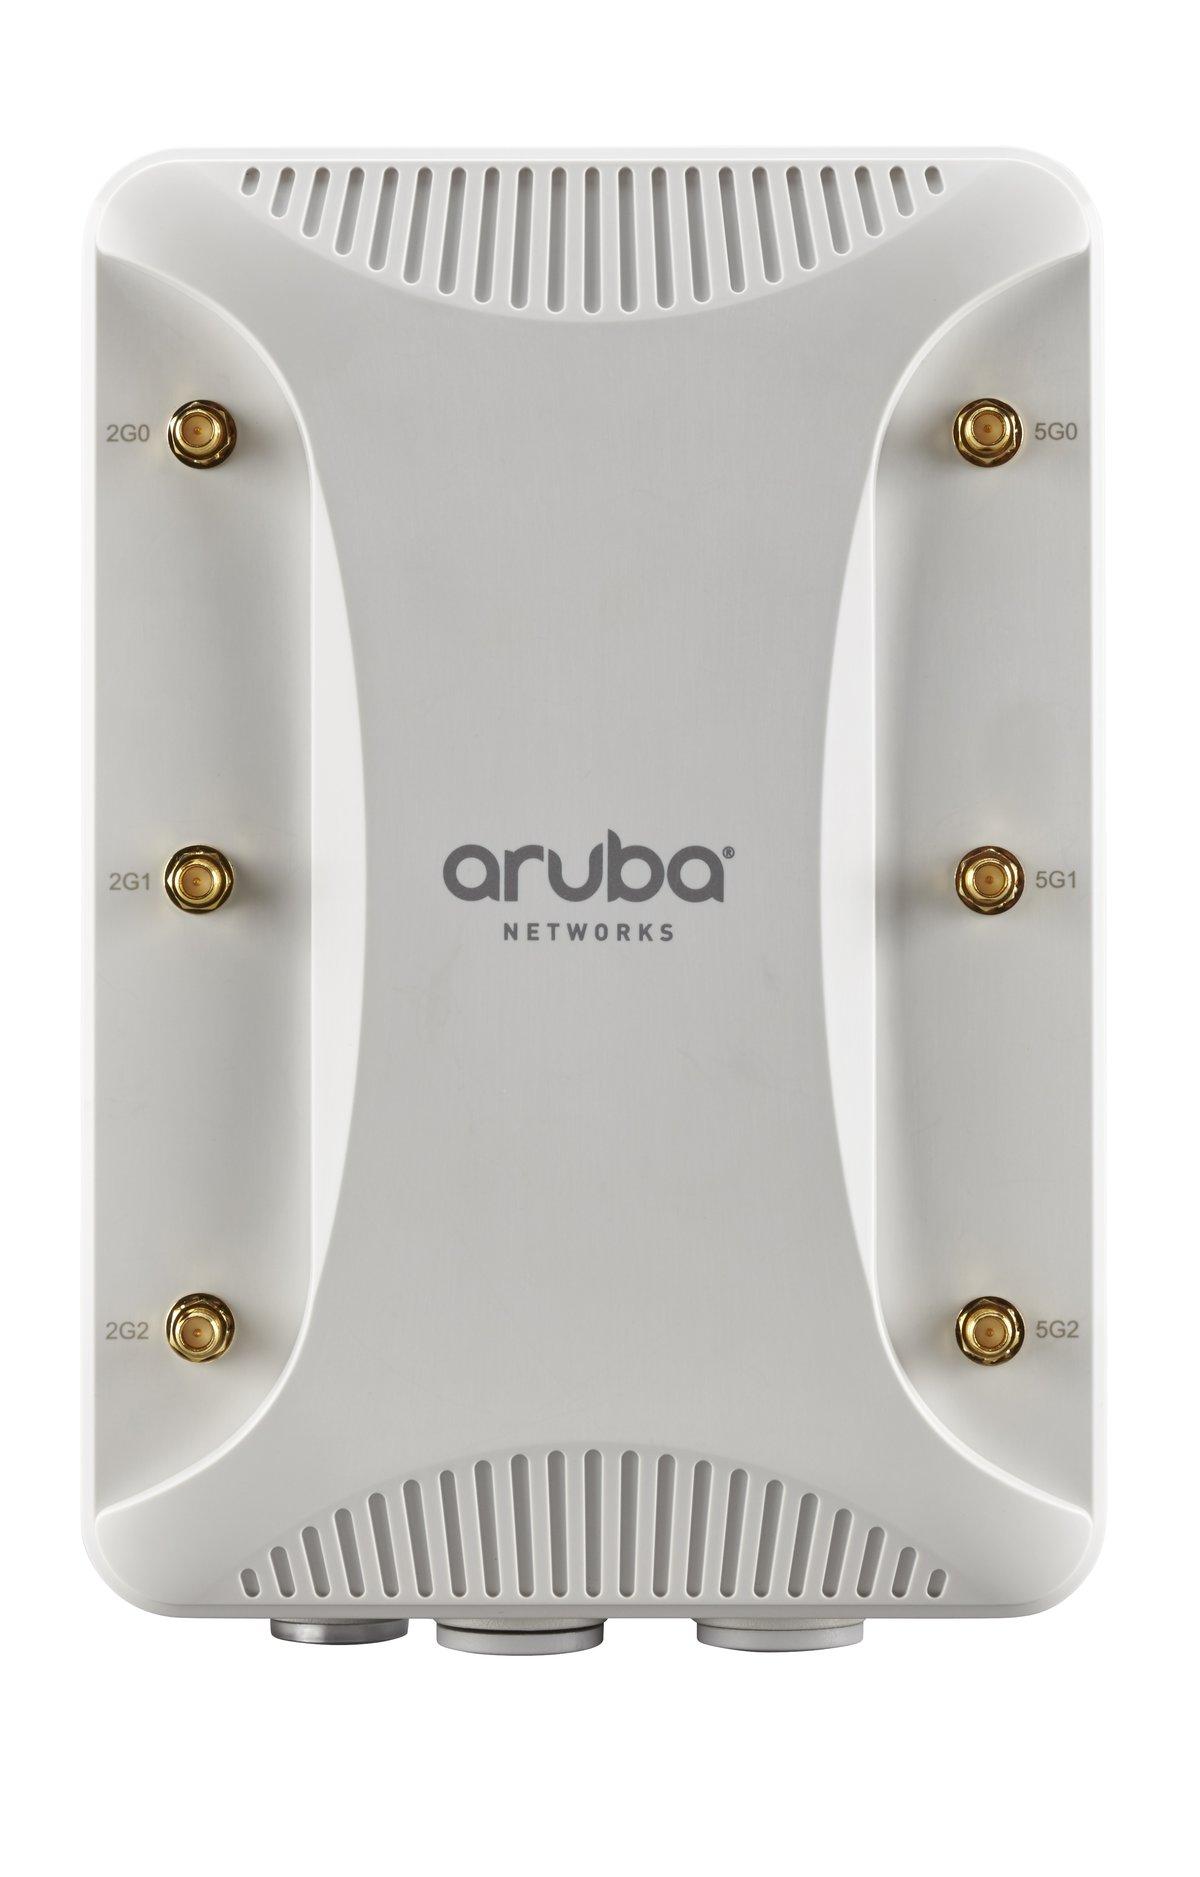 HPE Aruba AP-228 - wireless access point